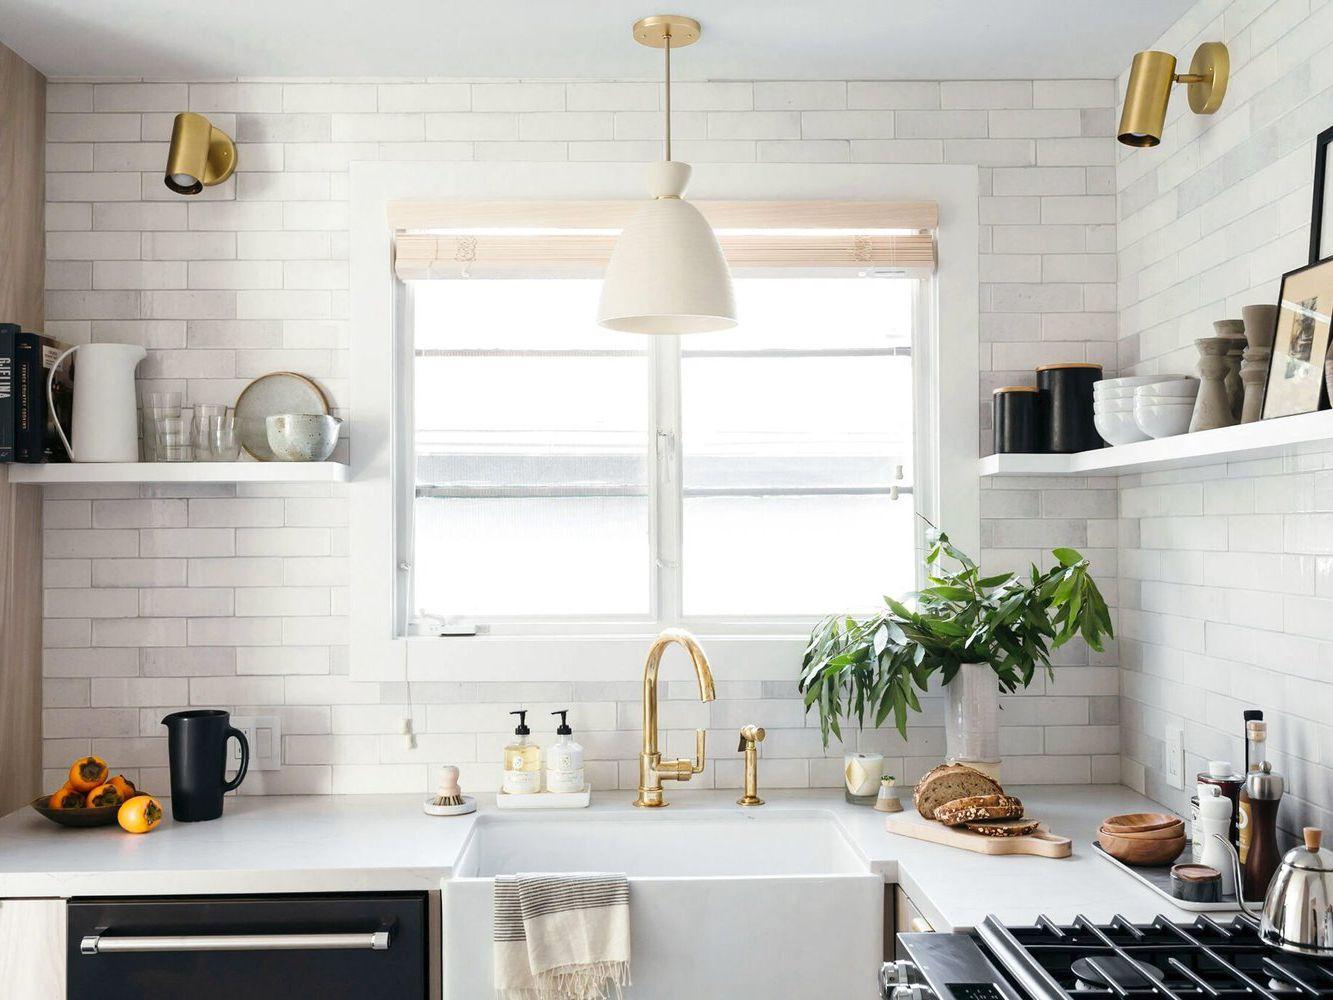 ۶ نکته که برای تزئین پیشخوان آشپزخانه نیاز دارید